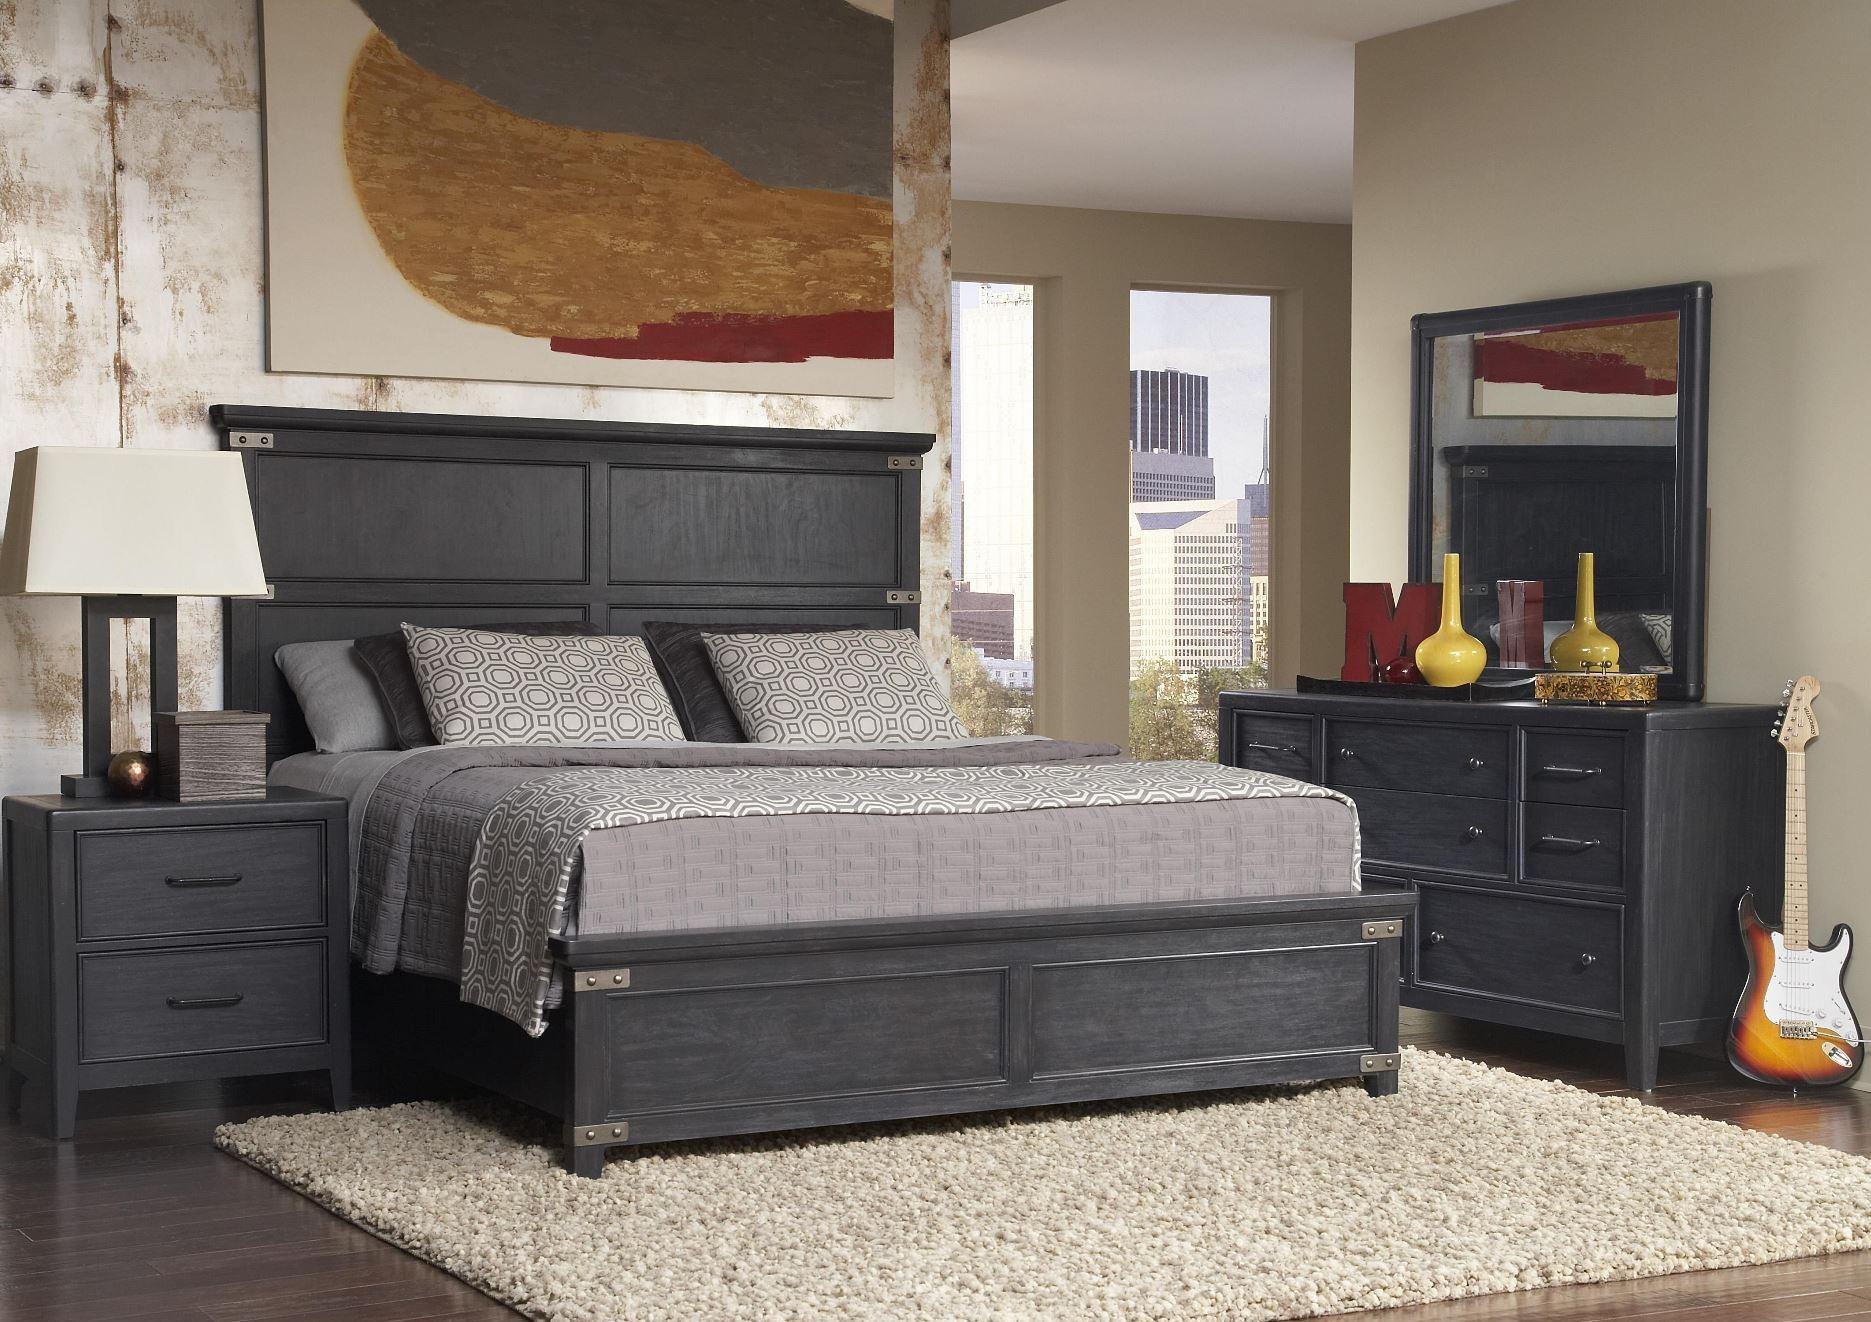 vintage tempo unique charcoal vintage tempo platform bedroom set from pulaski 402150 51 52. Black Bedroom Furniture Sets. Home Design Ideas